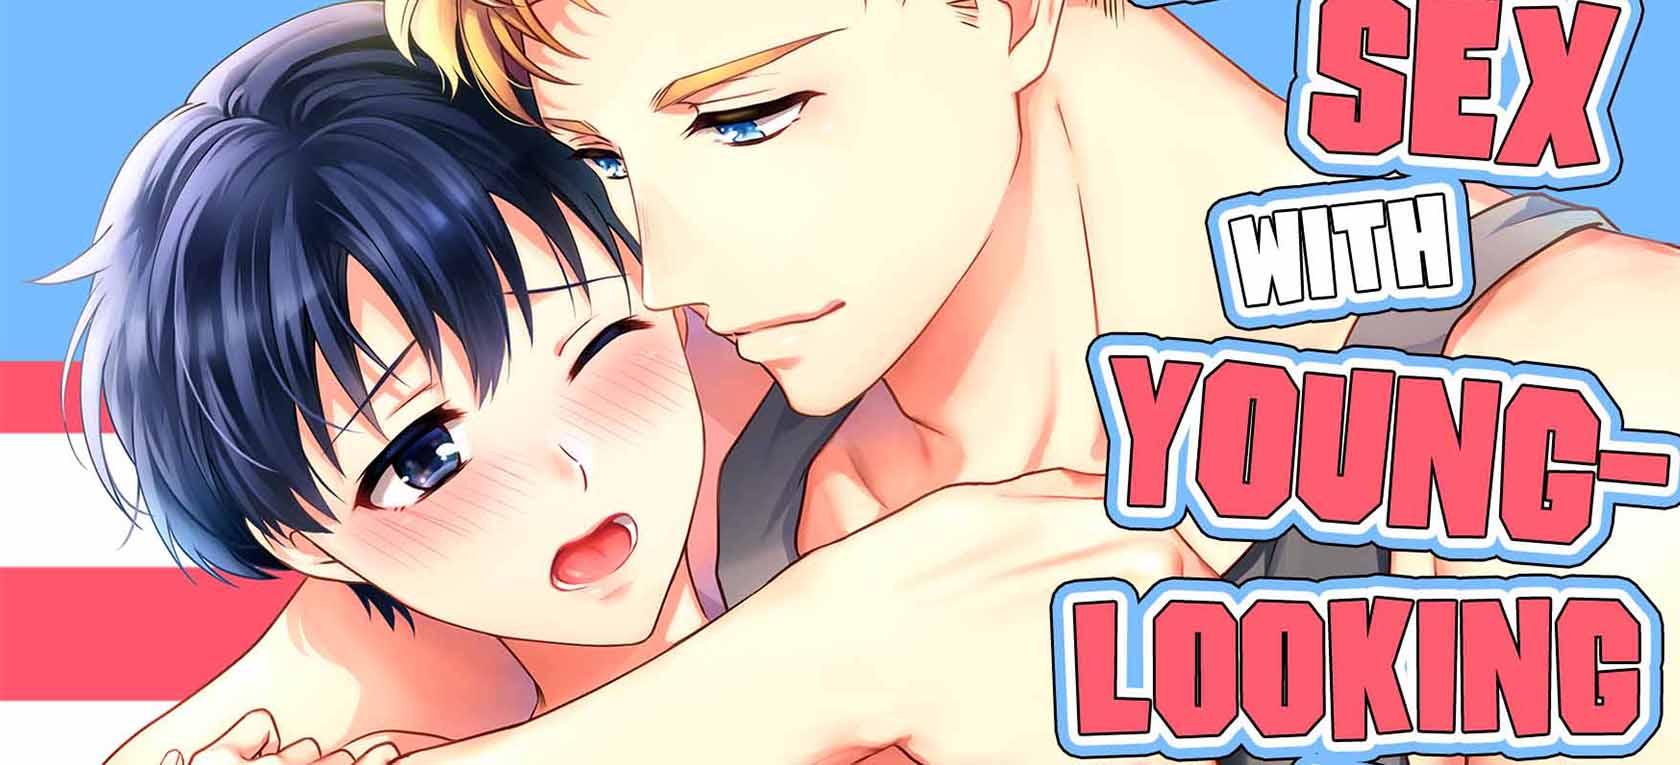 Sex manga young Young anime